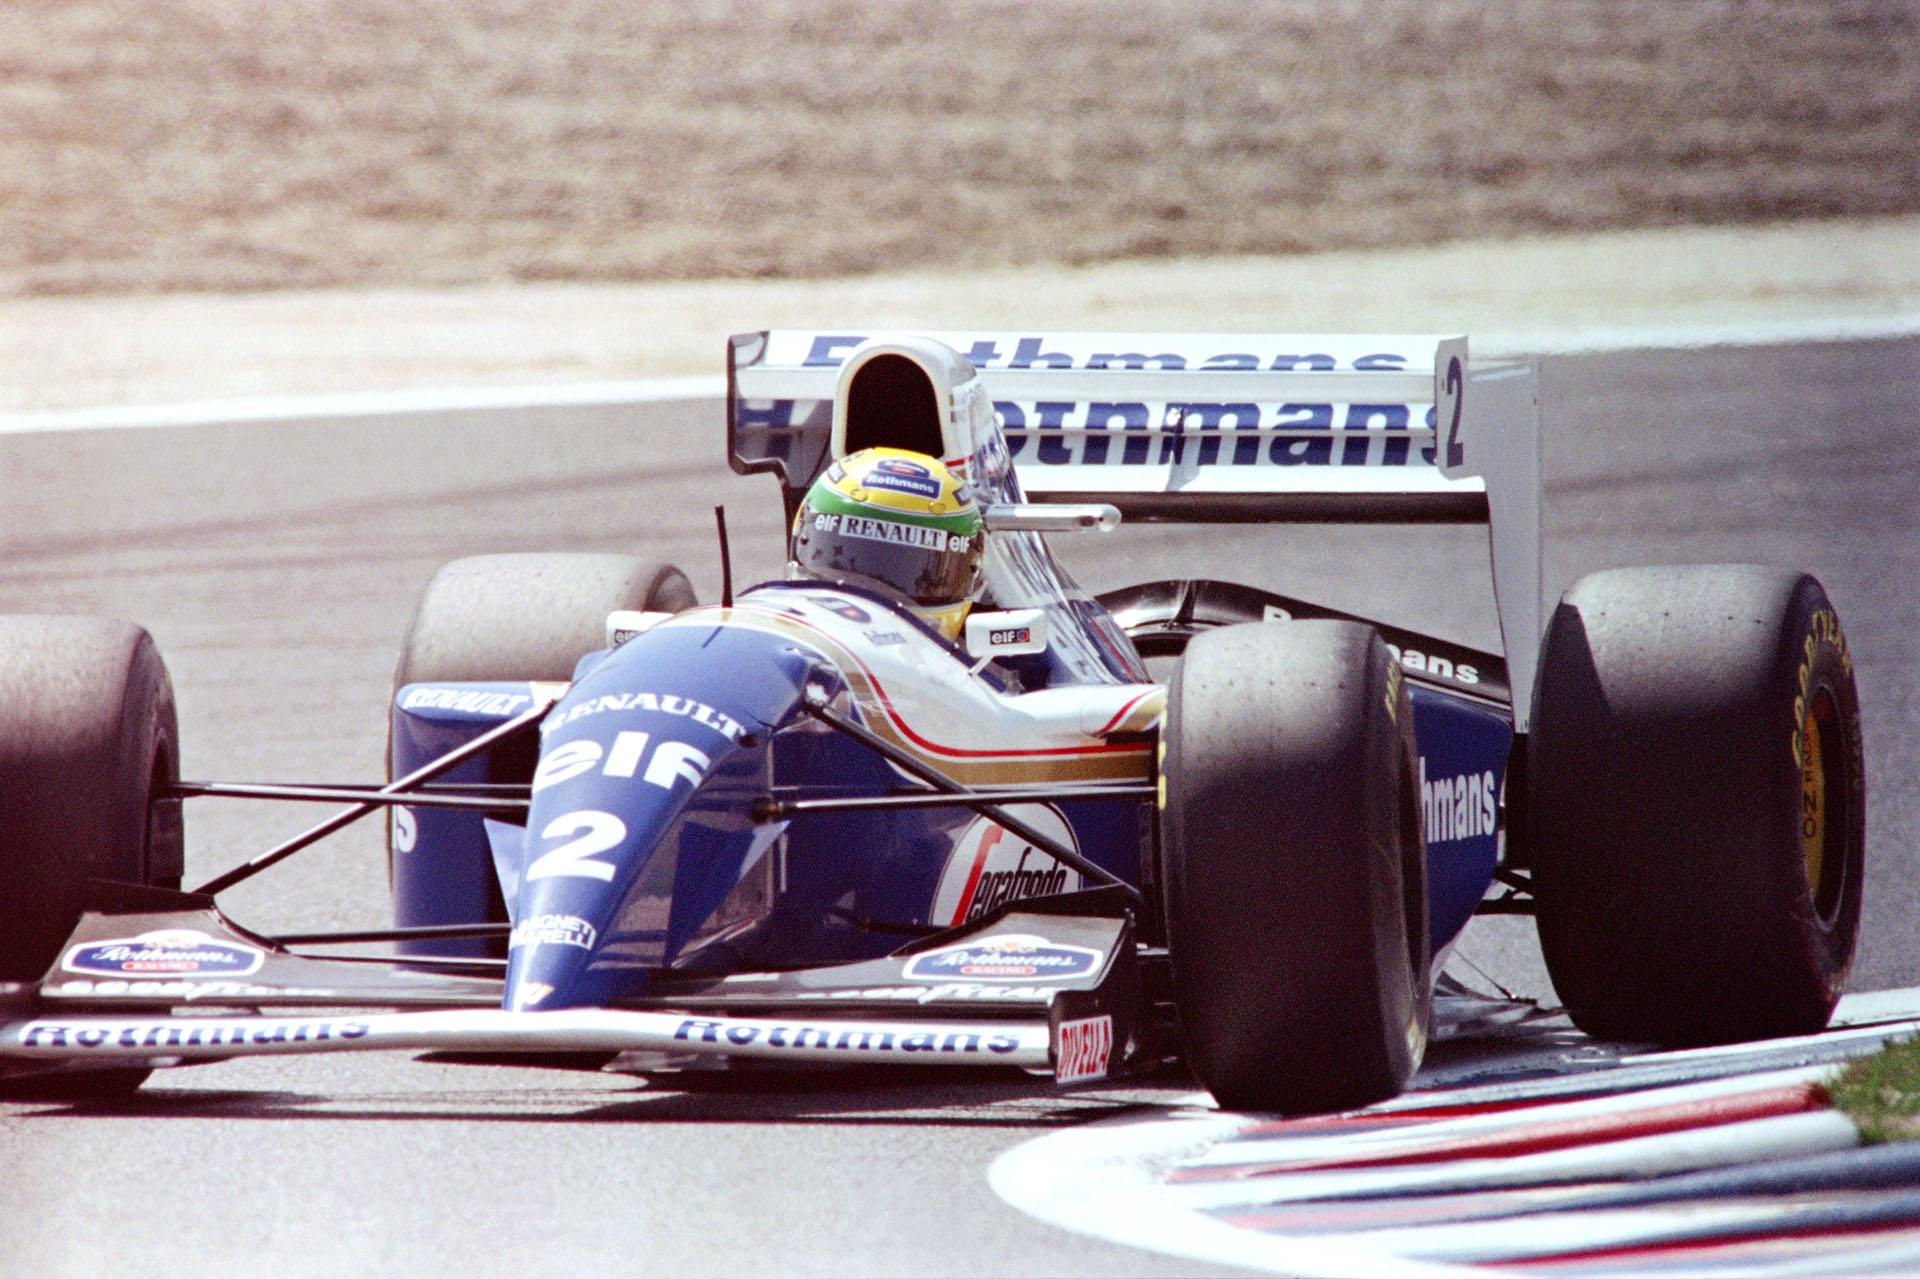 Una postal con el Williams número 2 que usó en 1994, su último año en la Fórmula 1